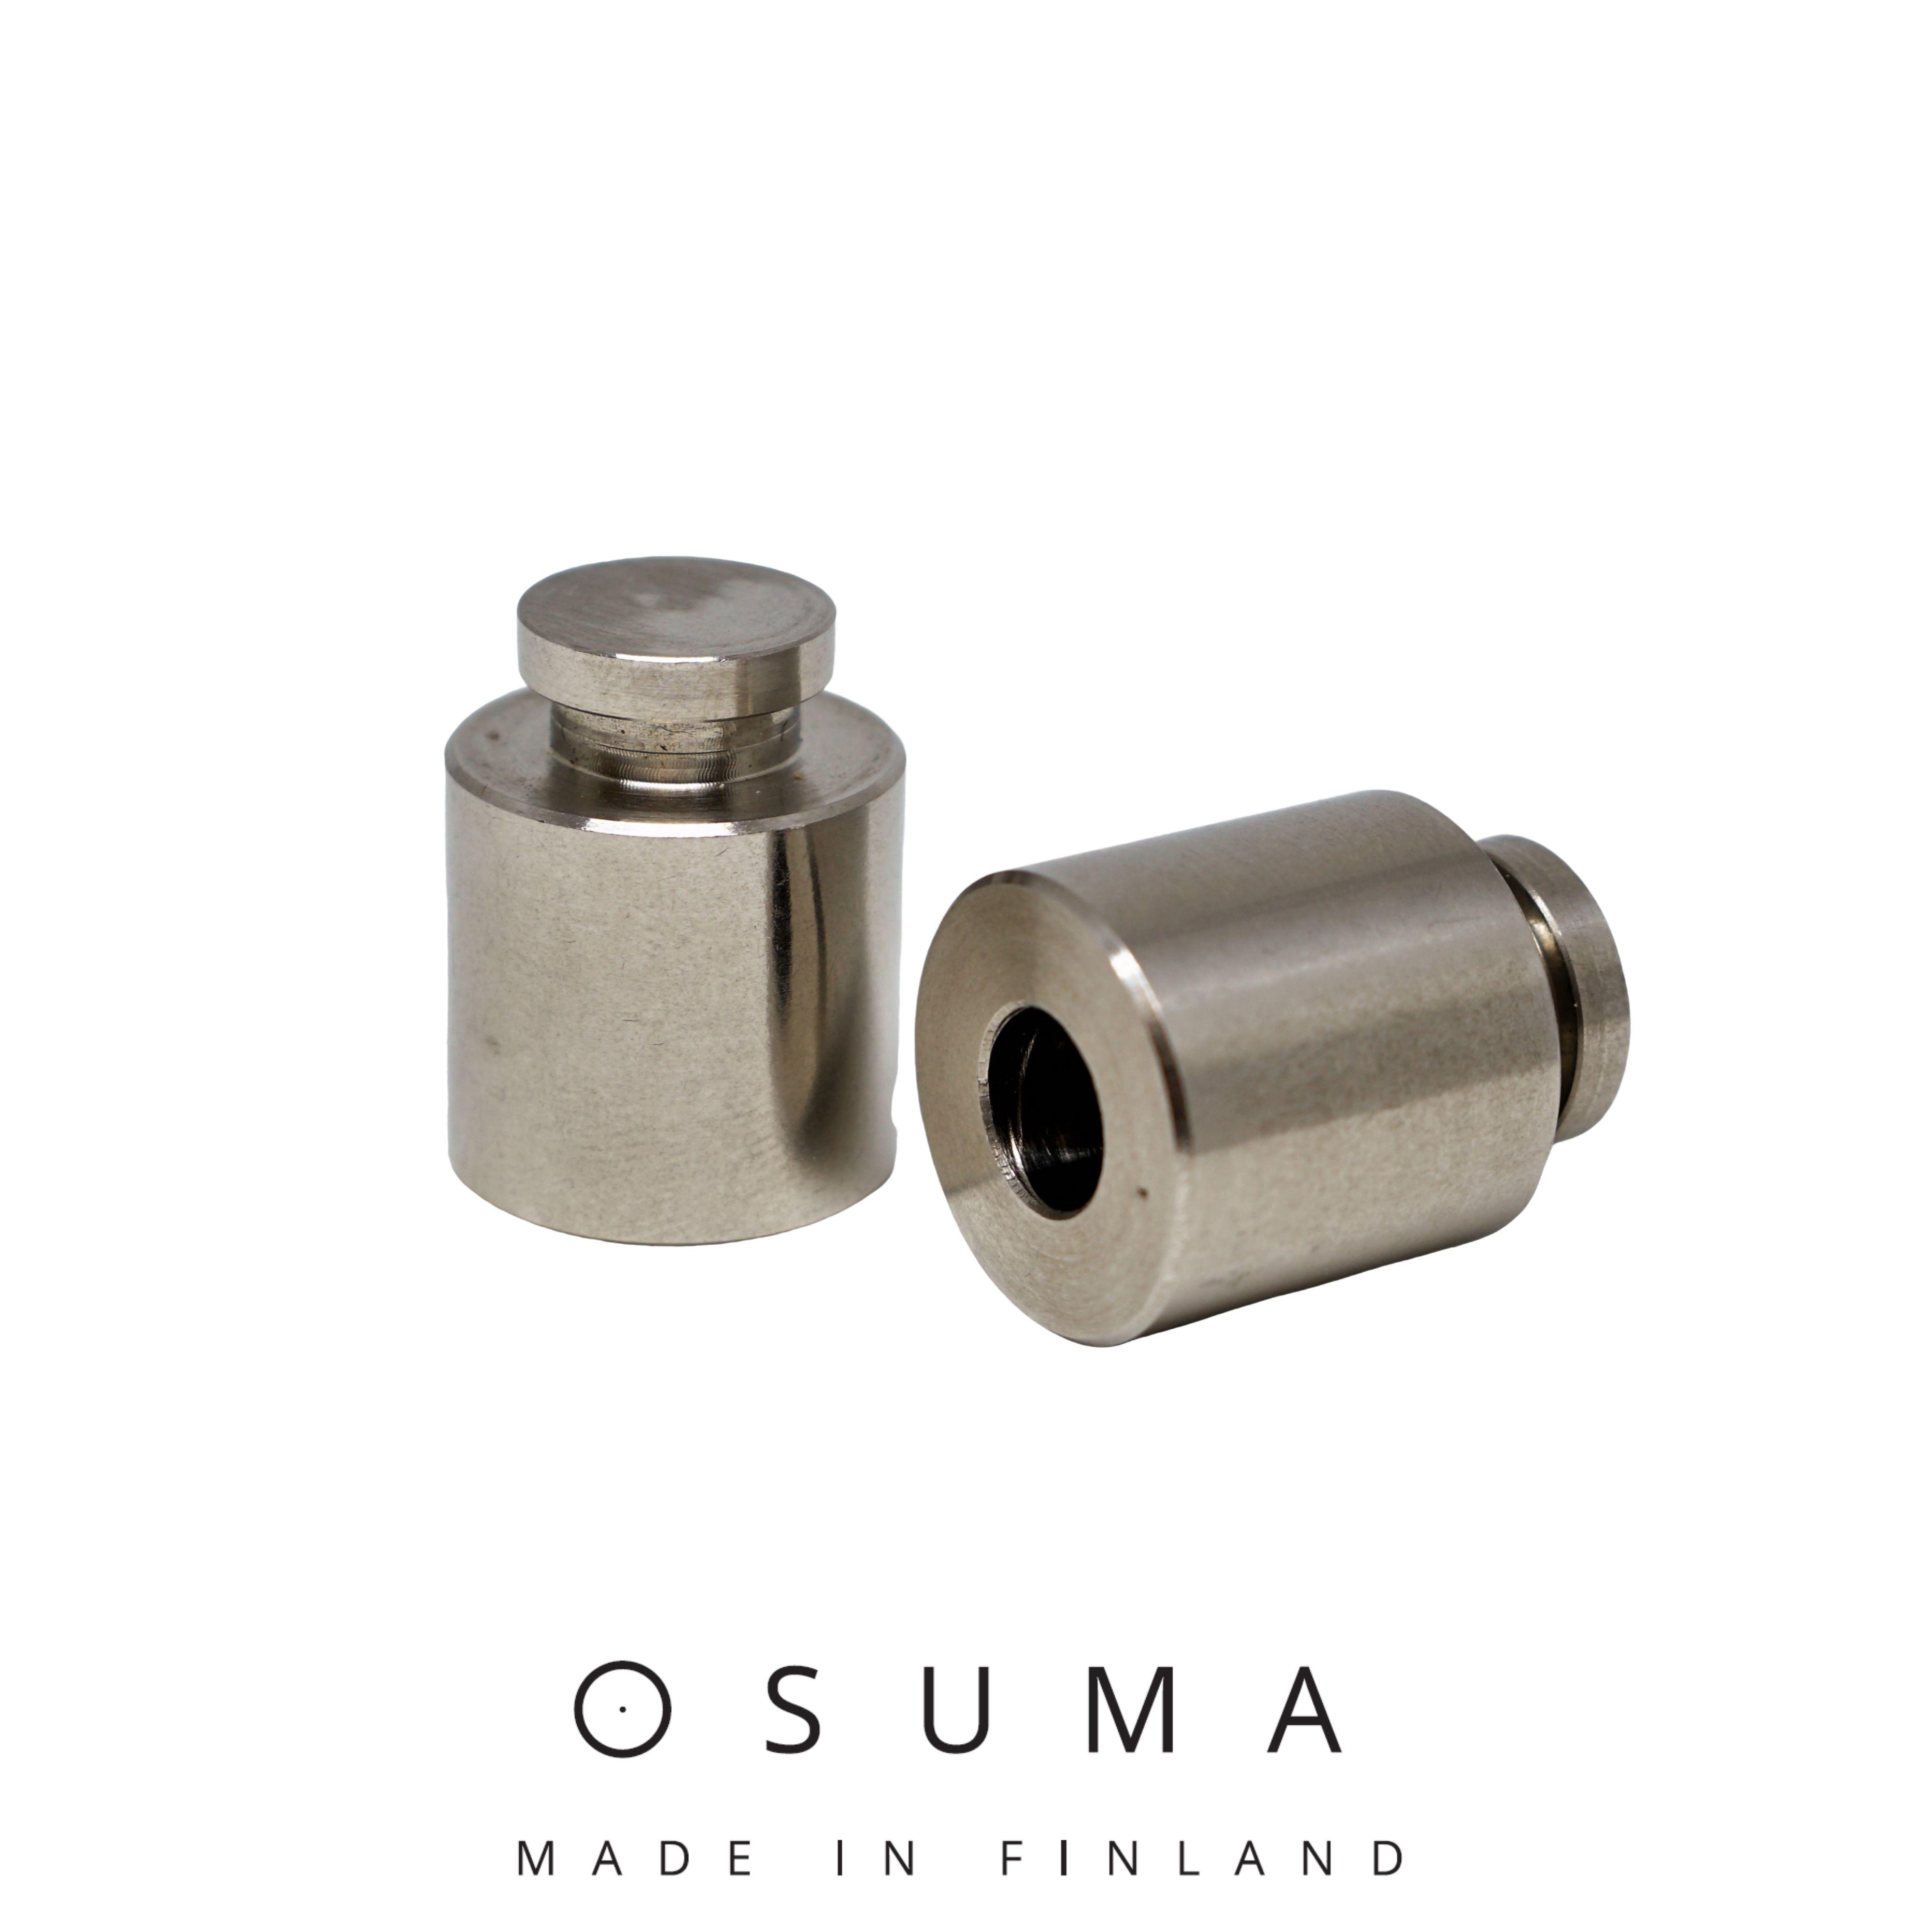 Osuma Luodinsuun supistaja reikäpääluodille  5,7mm